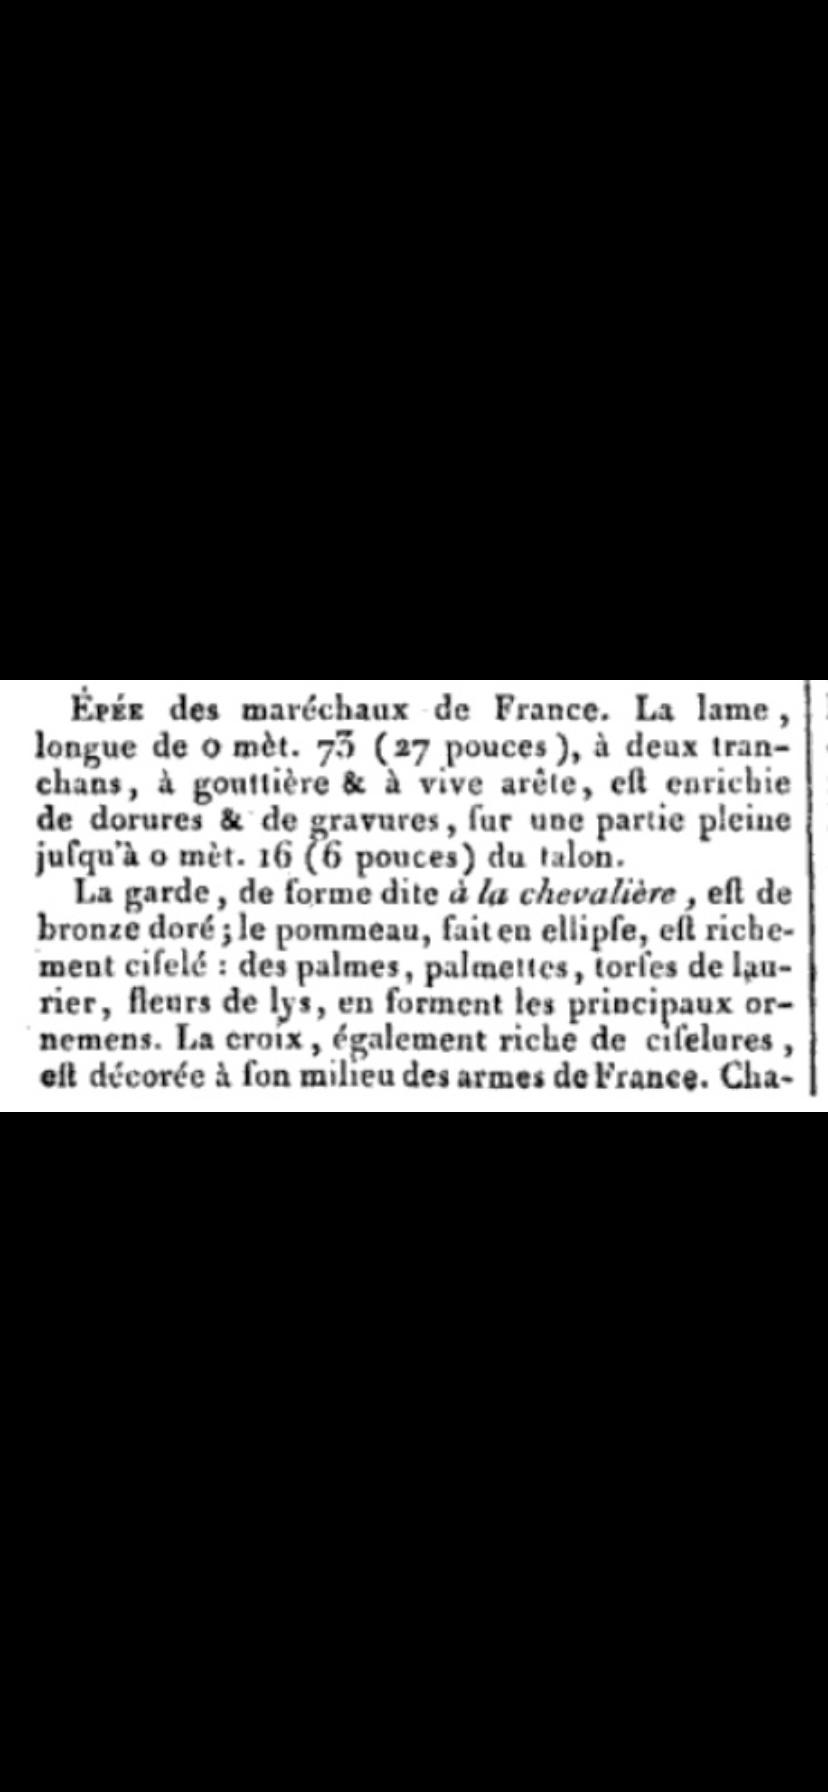 Un  magnifique glaive de Maréchal de France mod.1817 adjugé 117760€ 04e28610